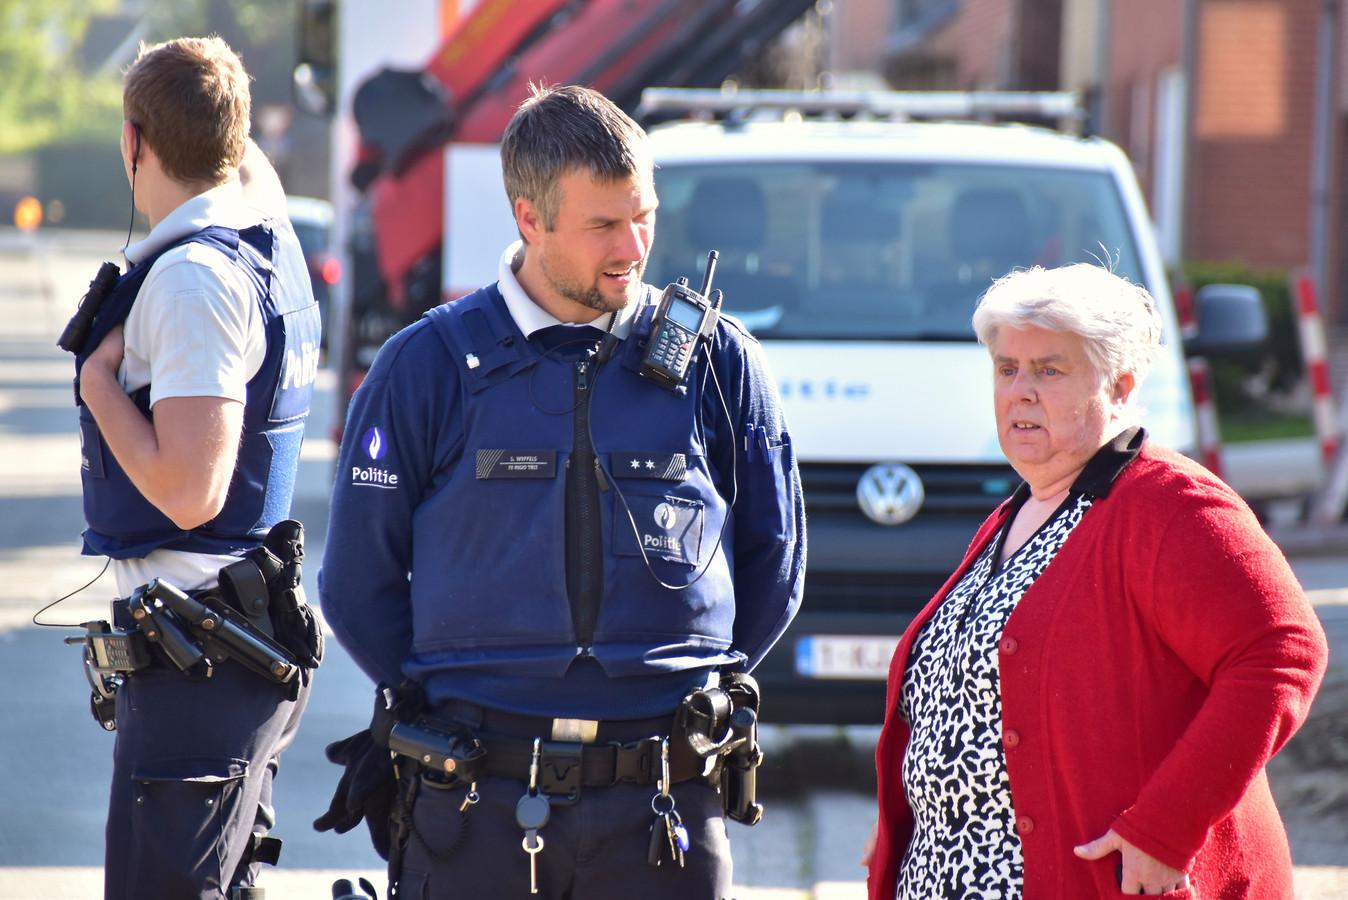 Bewoonster Lea Serry in gesprek met een politieman.